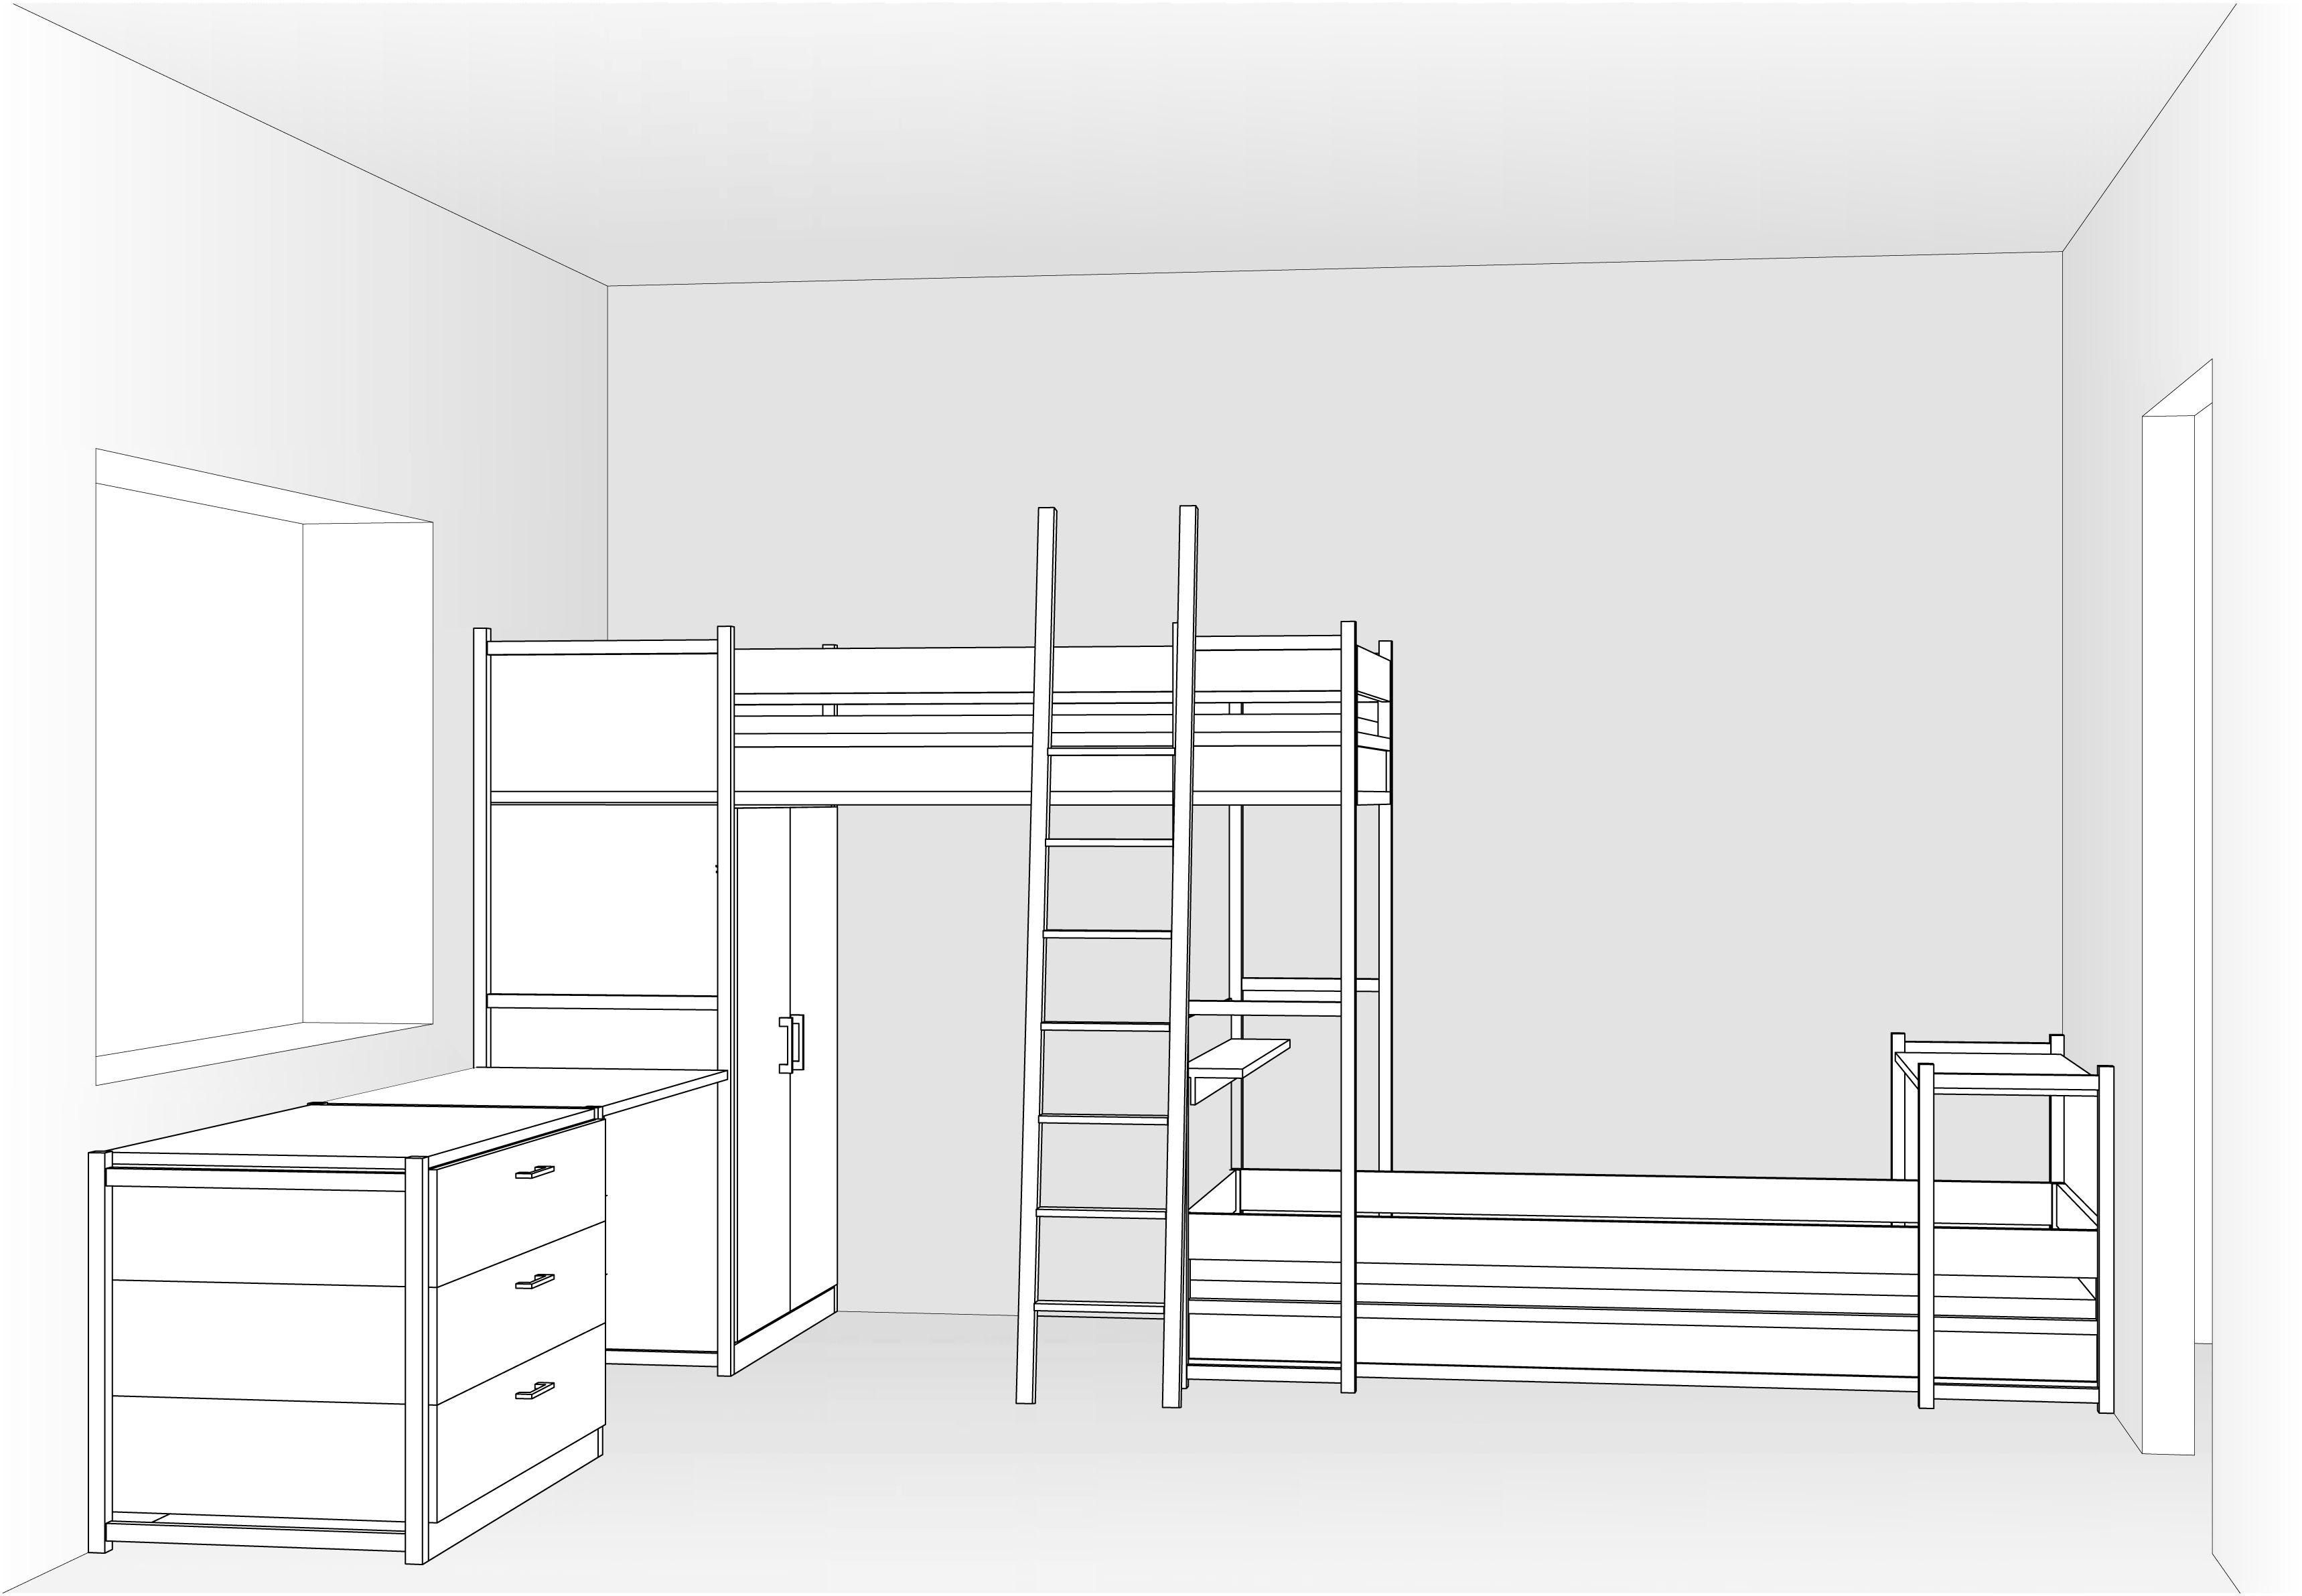 Habitaci infantil amb lliteres tren armari i escriptori - Habitacion infantil tren ...